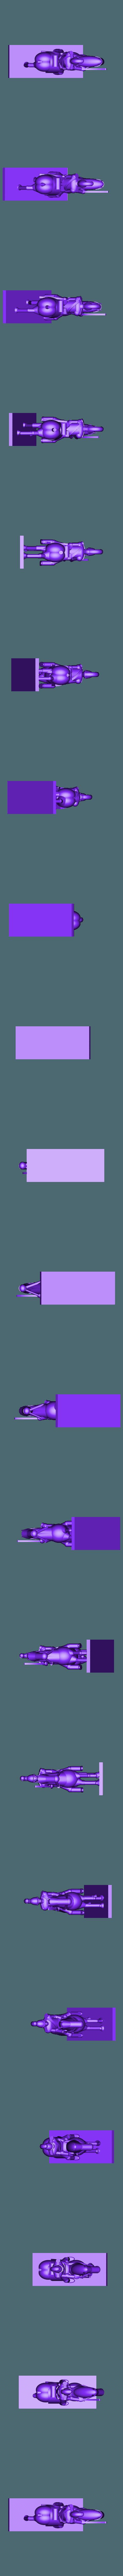 chev_off_1.stl Télécharger fichier STL gratuit Napoléoniens - 2ème partie - Français / Alliés Cavalerie • Plan imprimable en 3D, Earsling